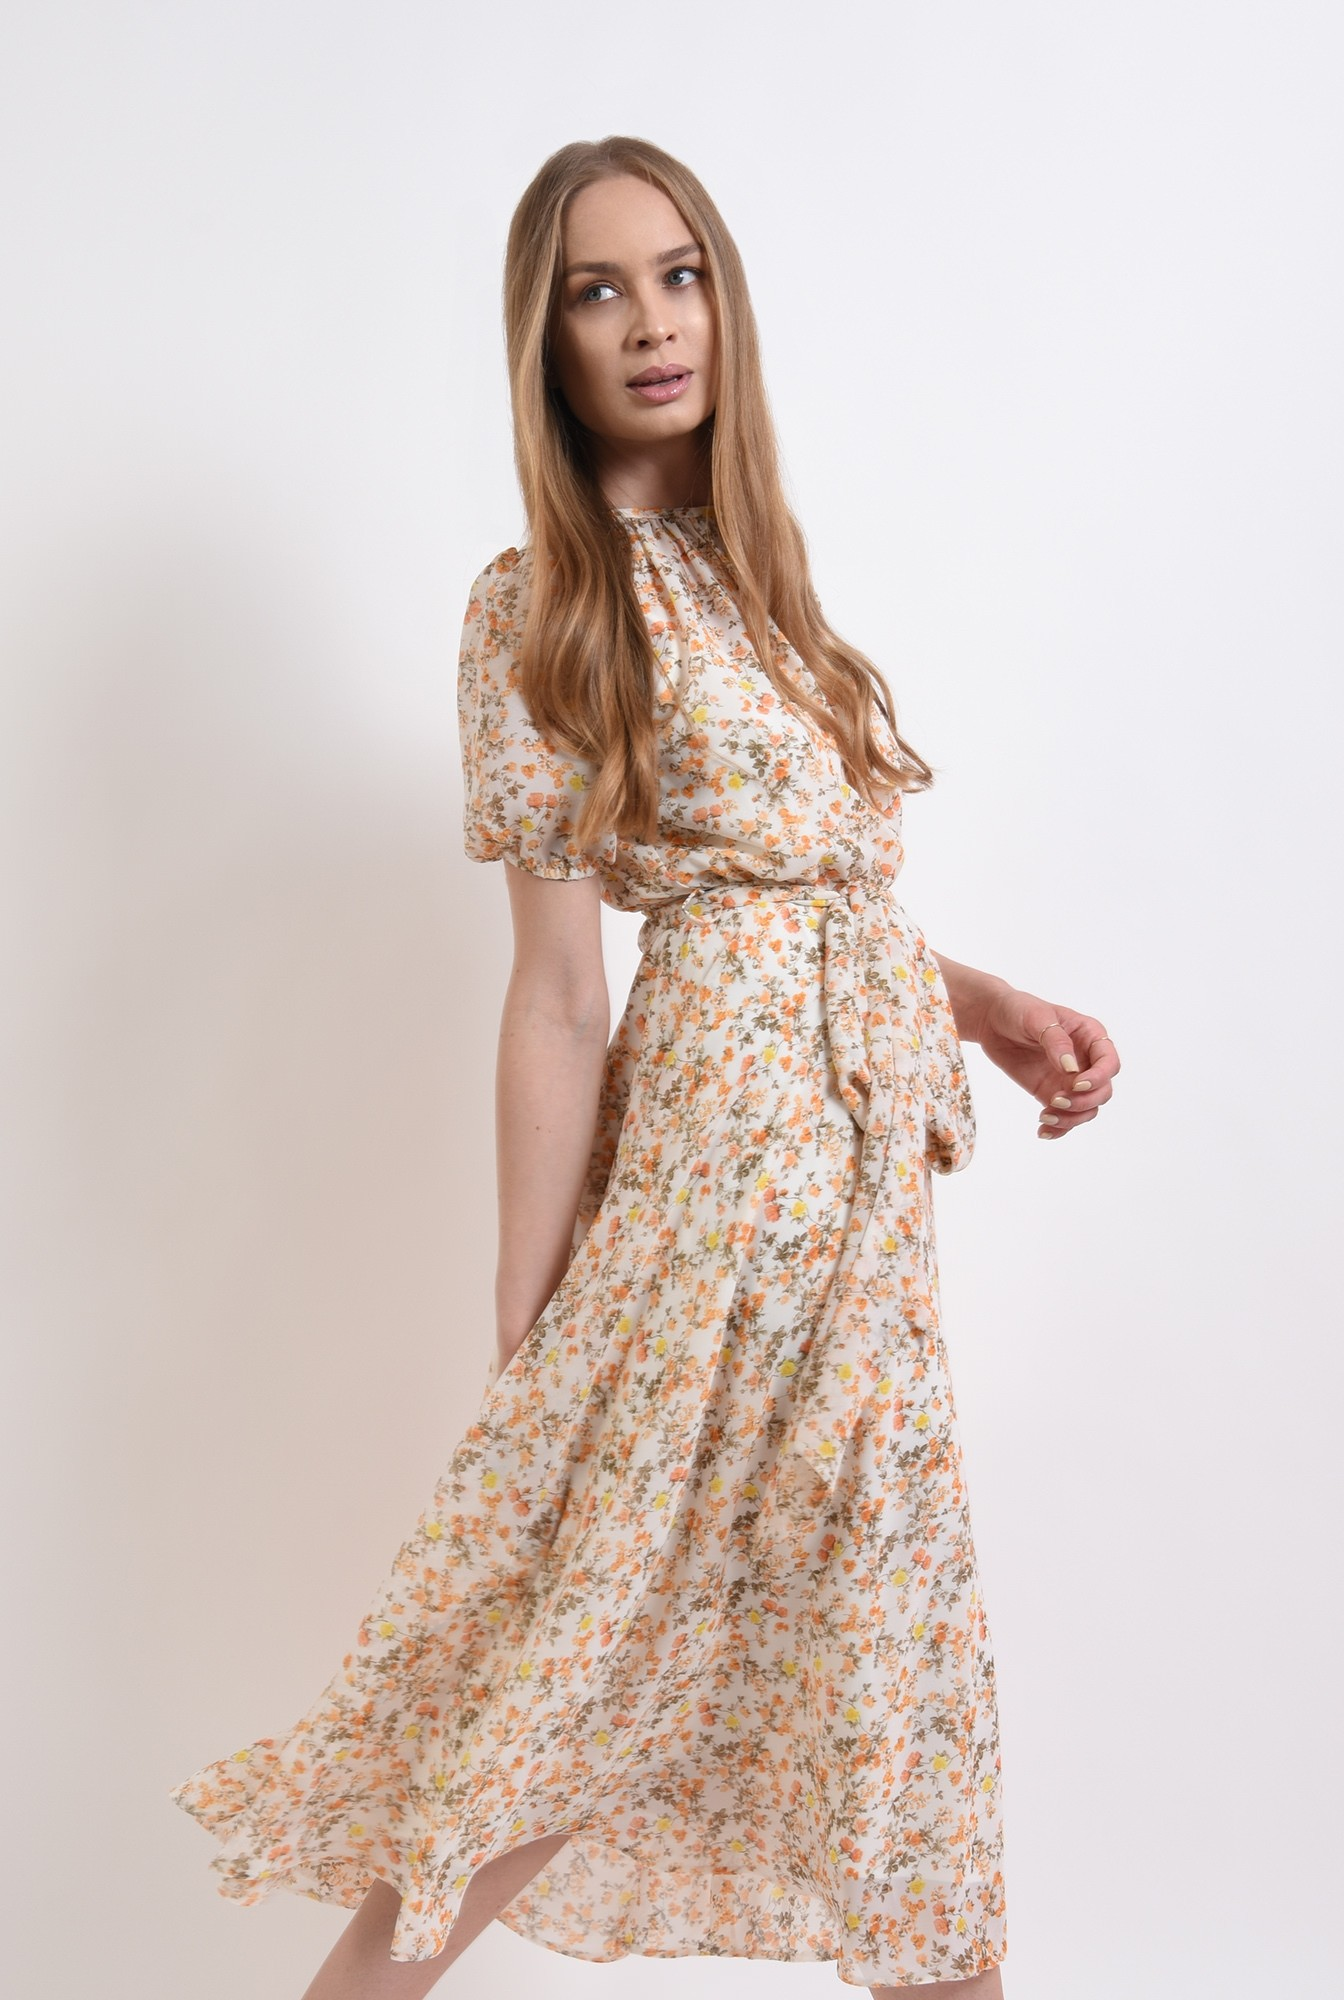 0 - rochie cu imprimeu floral, cu cordon, Poema